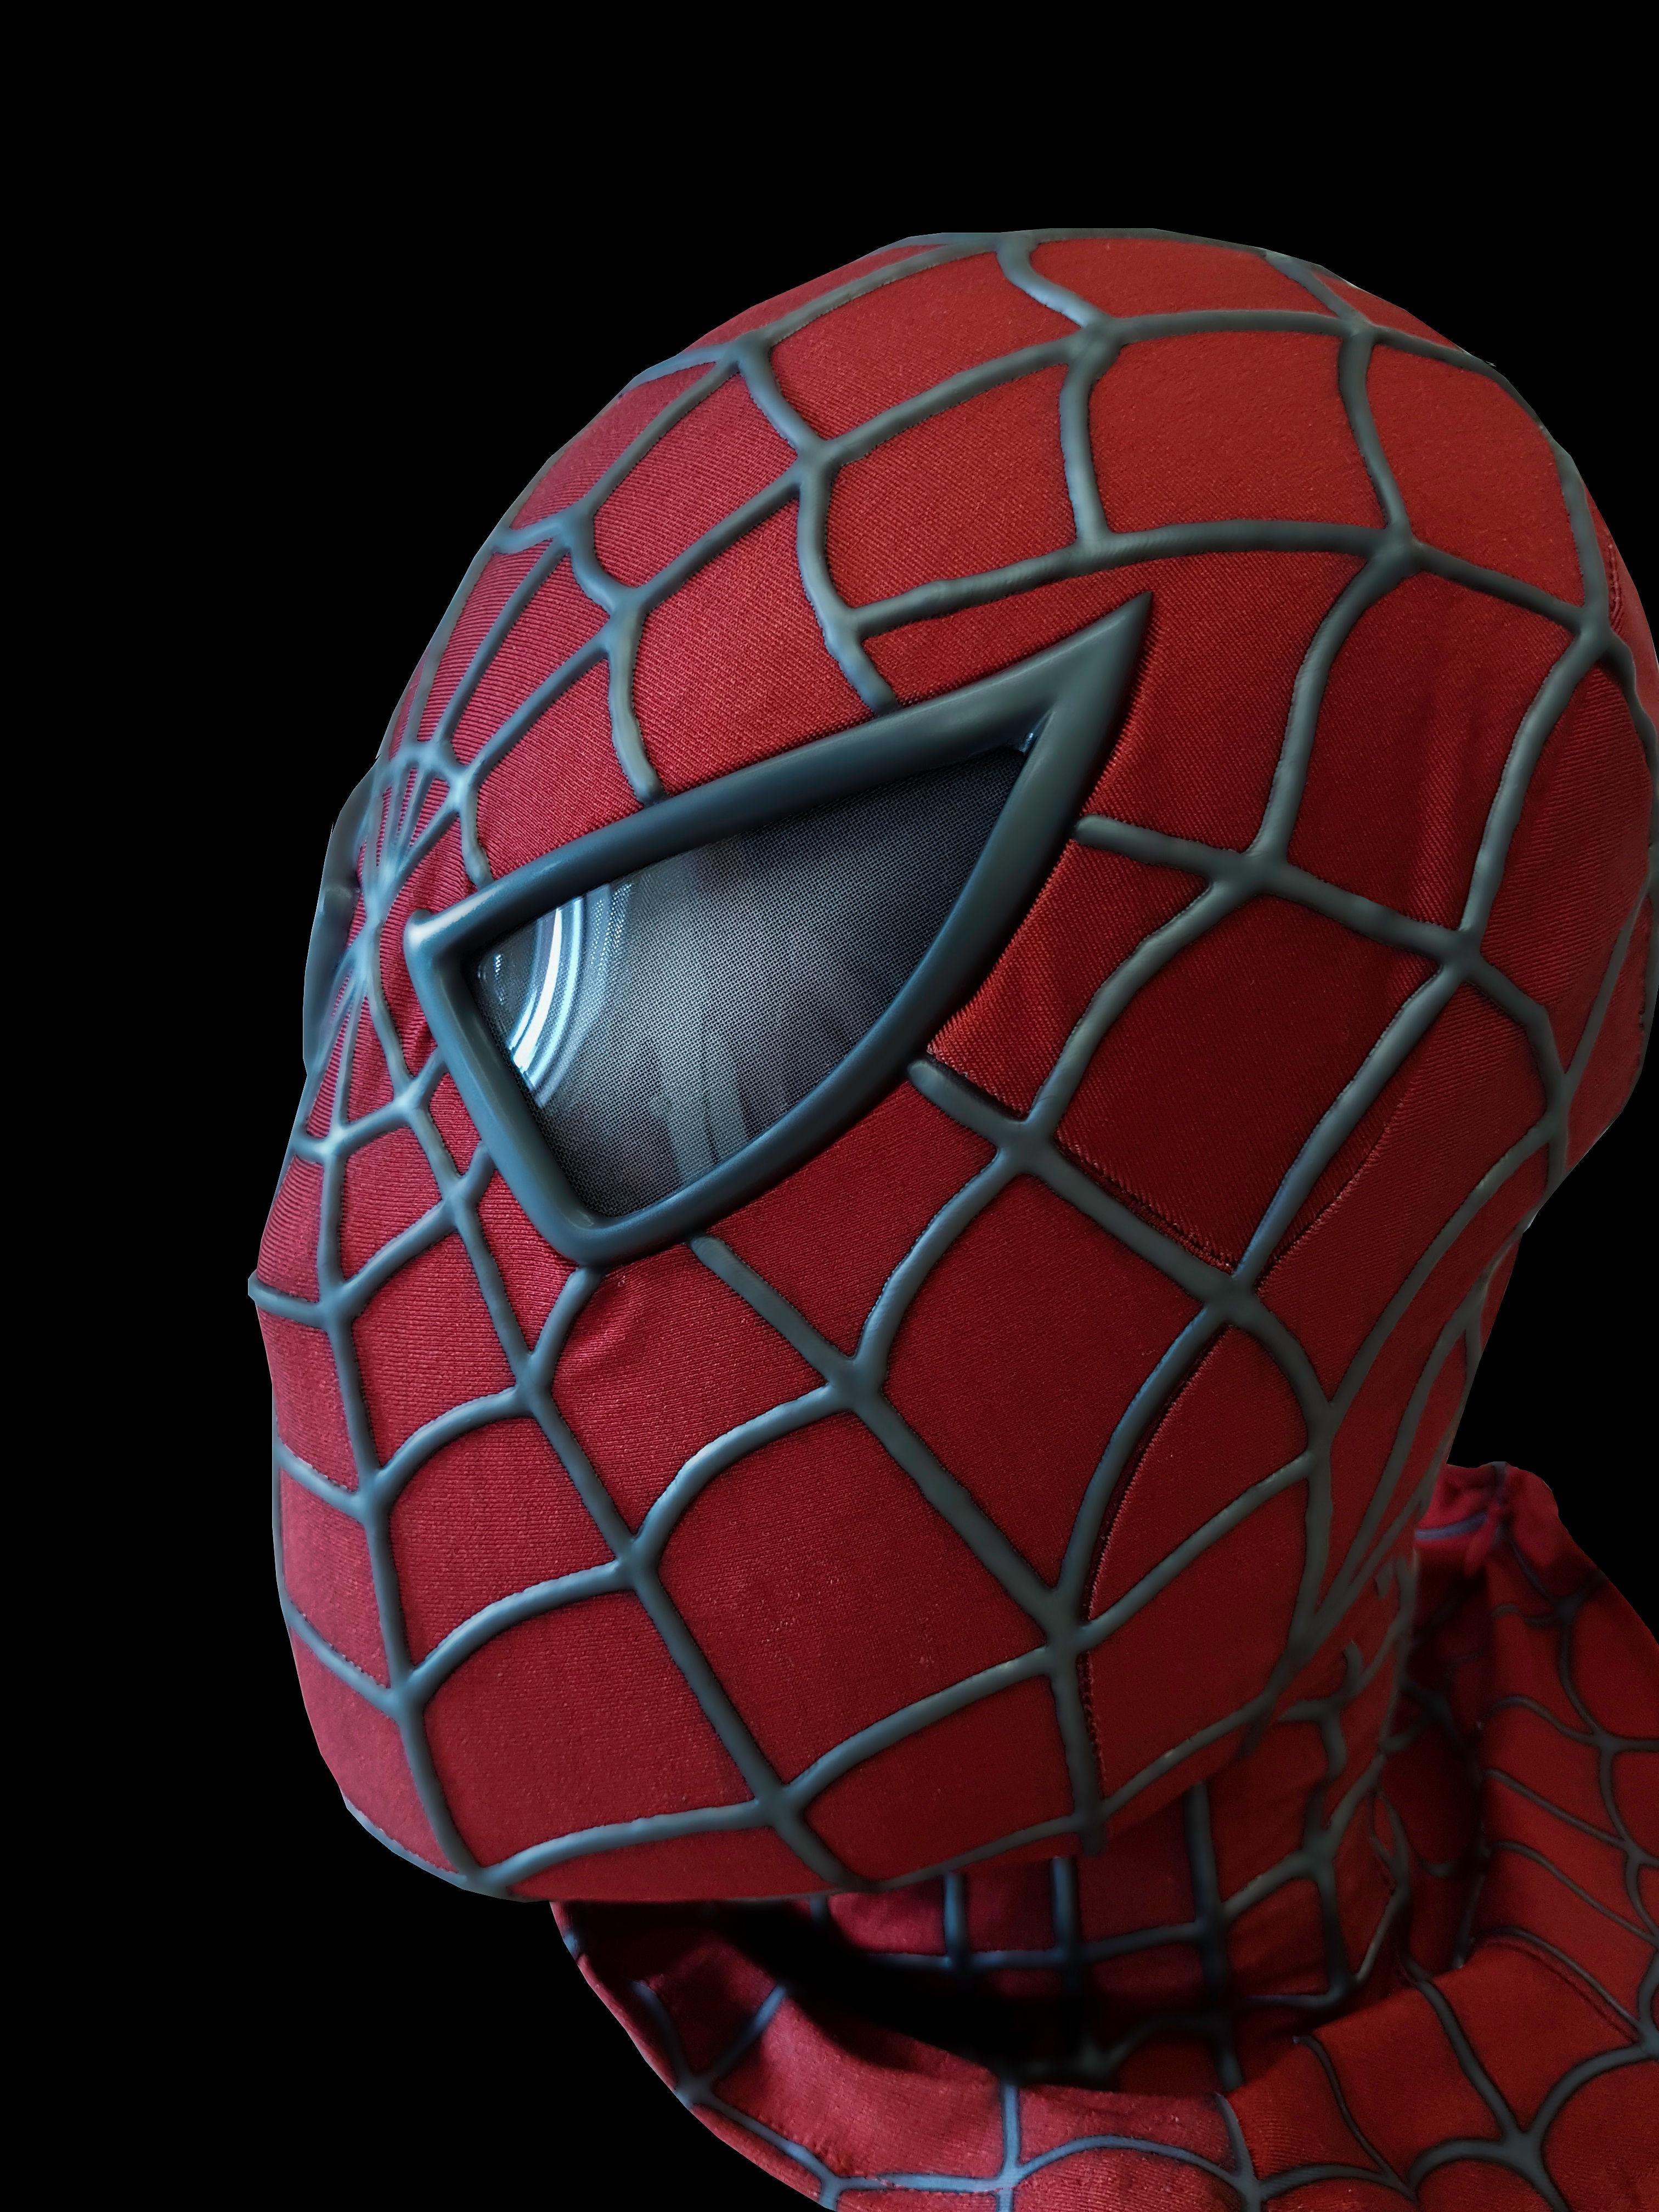 Uncategorized Spiderman Face Pictures spider man face shells no limit designs premium raimi shell lenses mask